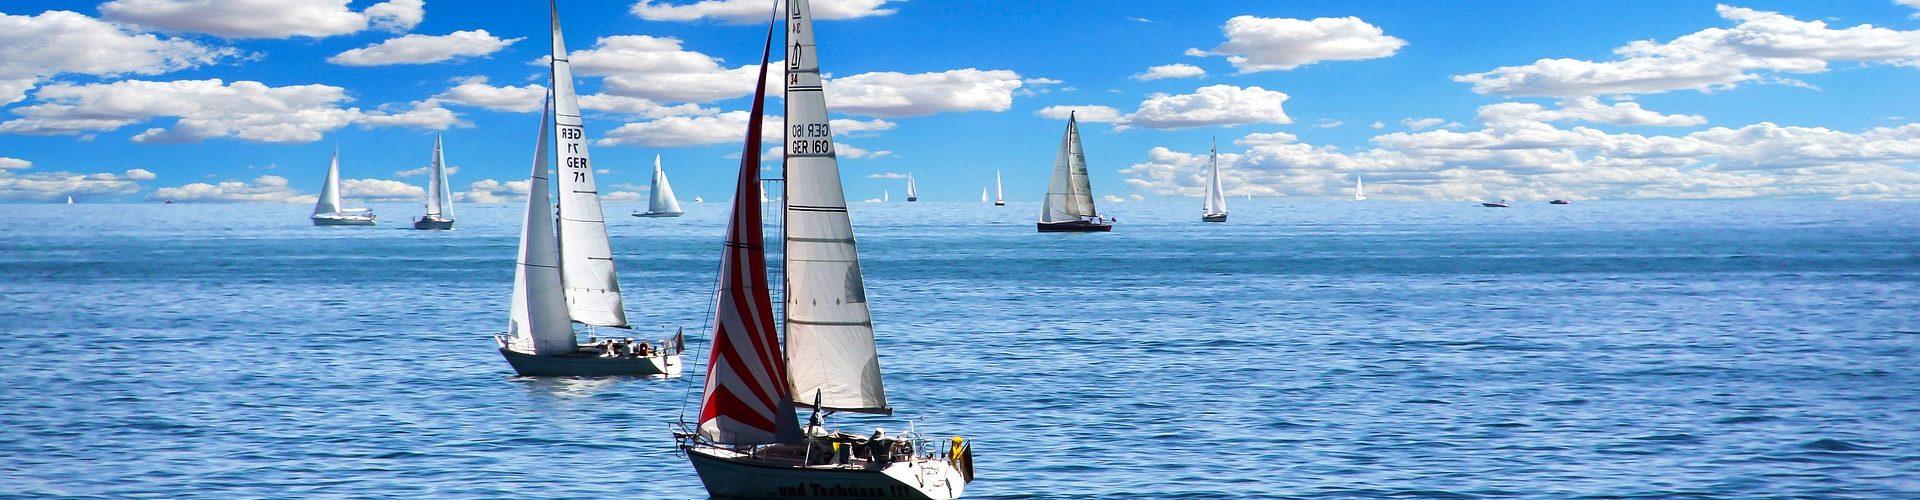 segeln lernen in Werder Havel segelschein machen in Werder Havel 1920x500 - Segeln lernen in Werder (Havel)